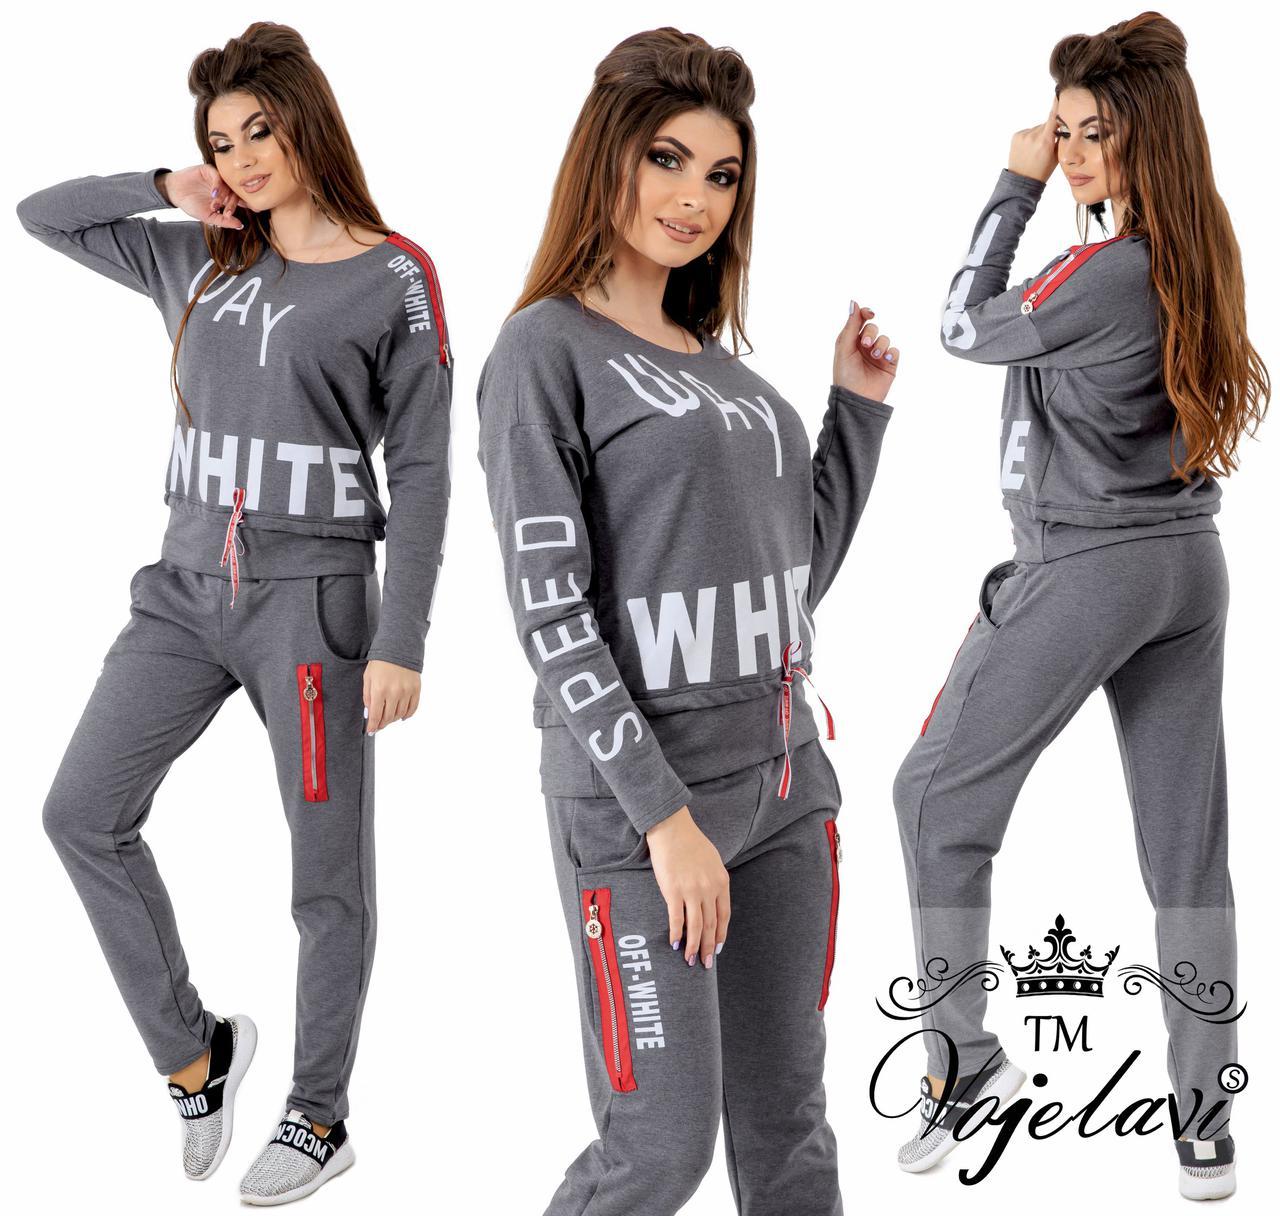 Женский черный спортивный костюм 42-46 размеры пр-во Украина 1024 ... 839df1ef81f